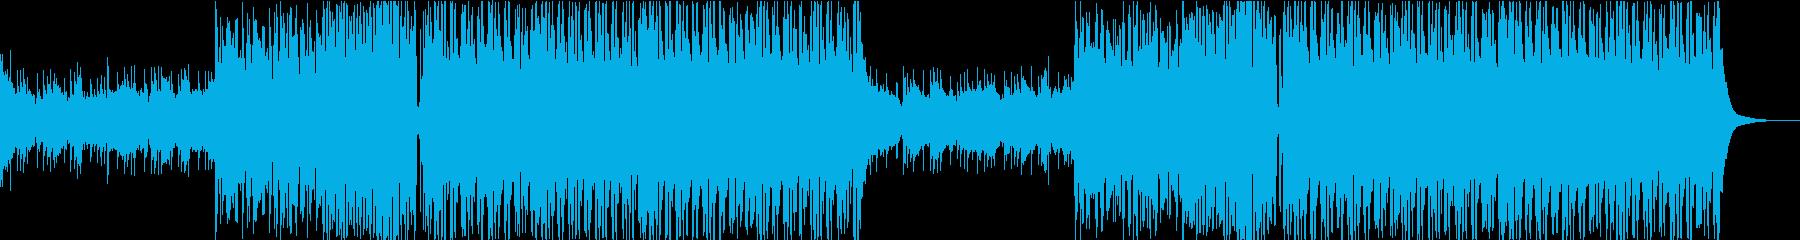 感動的・明るいFuture Bass aの再生済みの波形